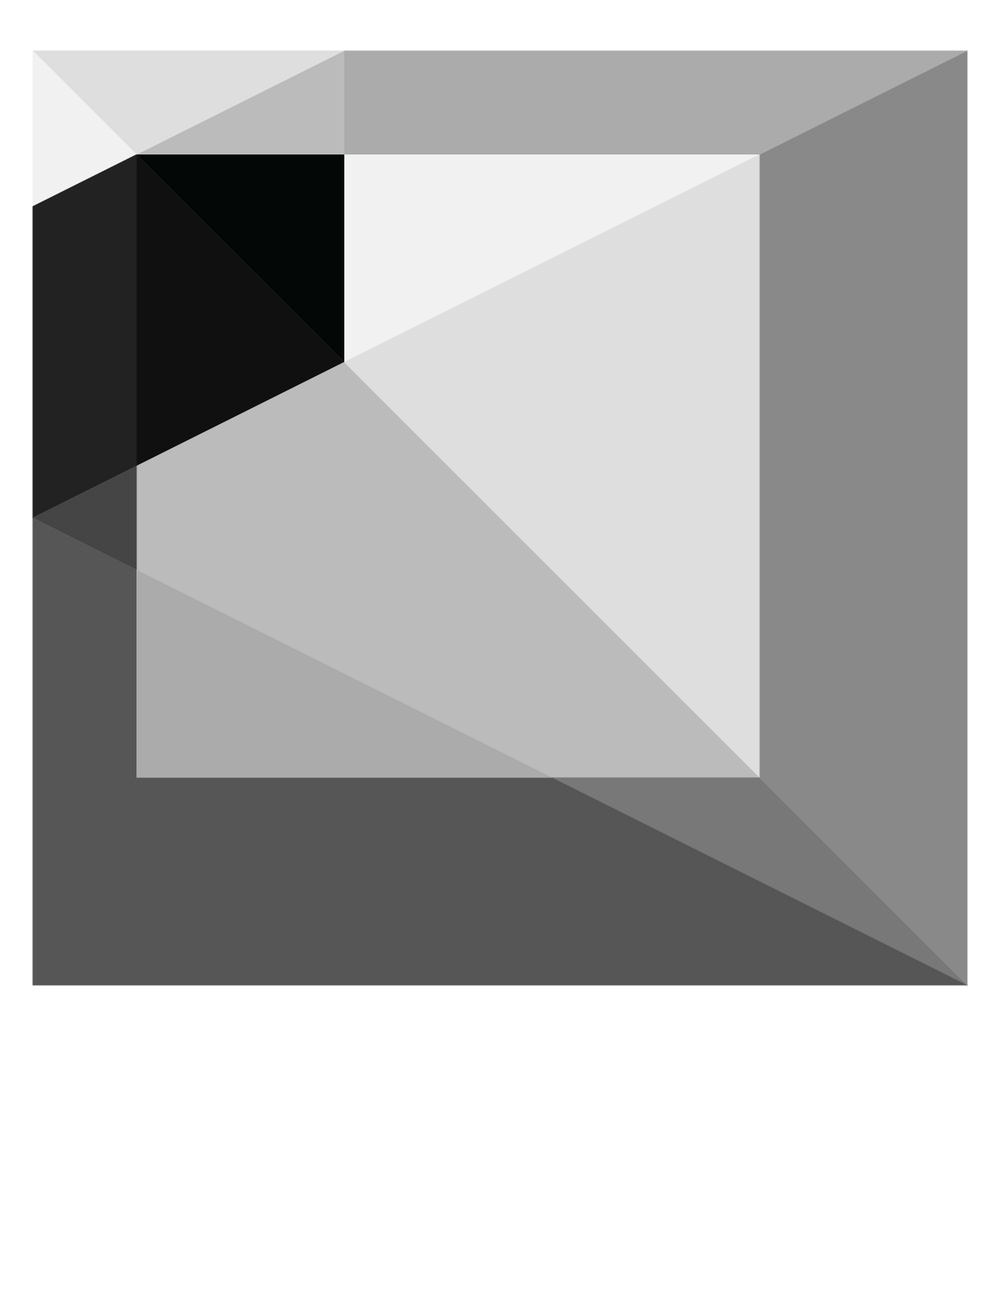 FormulaKills_9x9-17.jpg